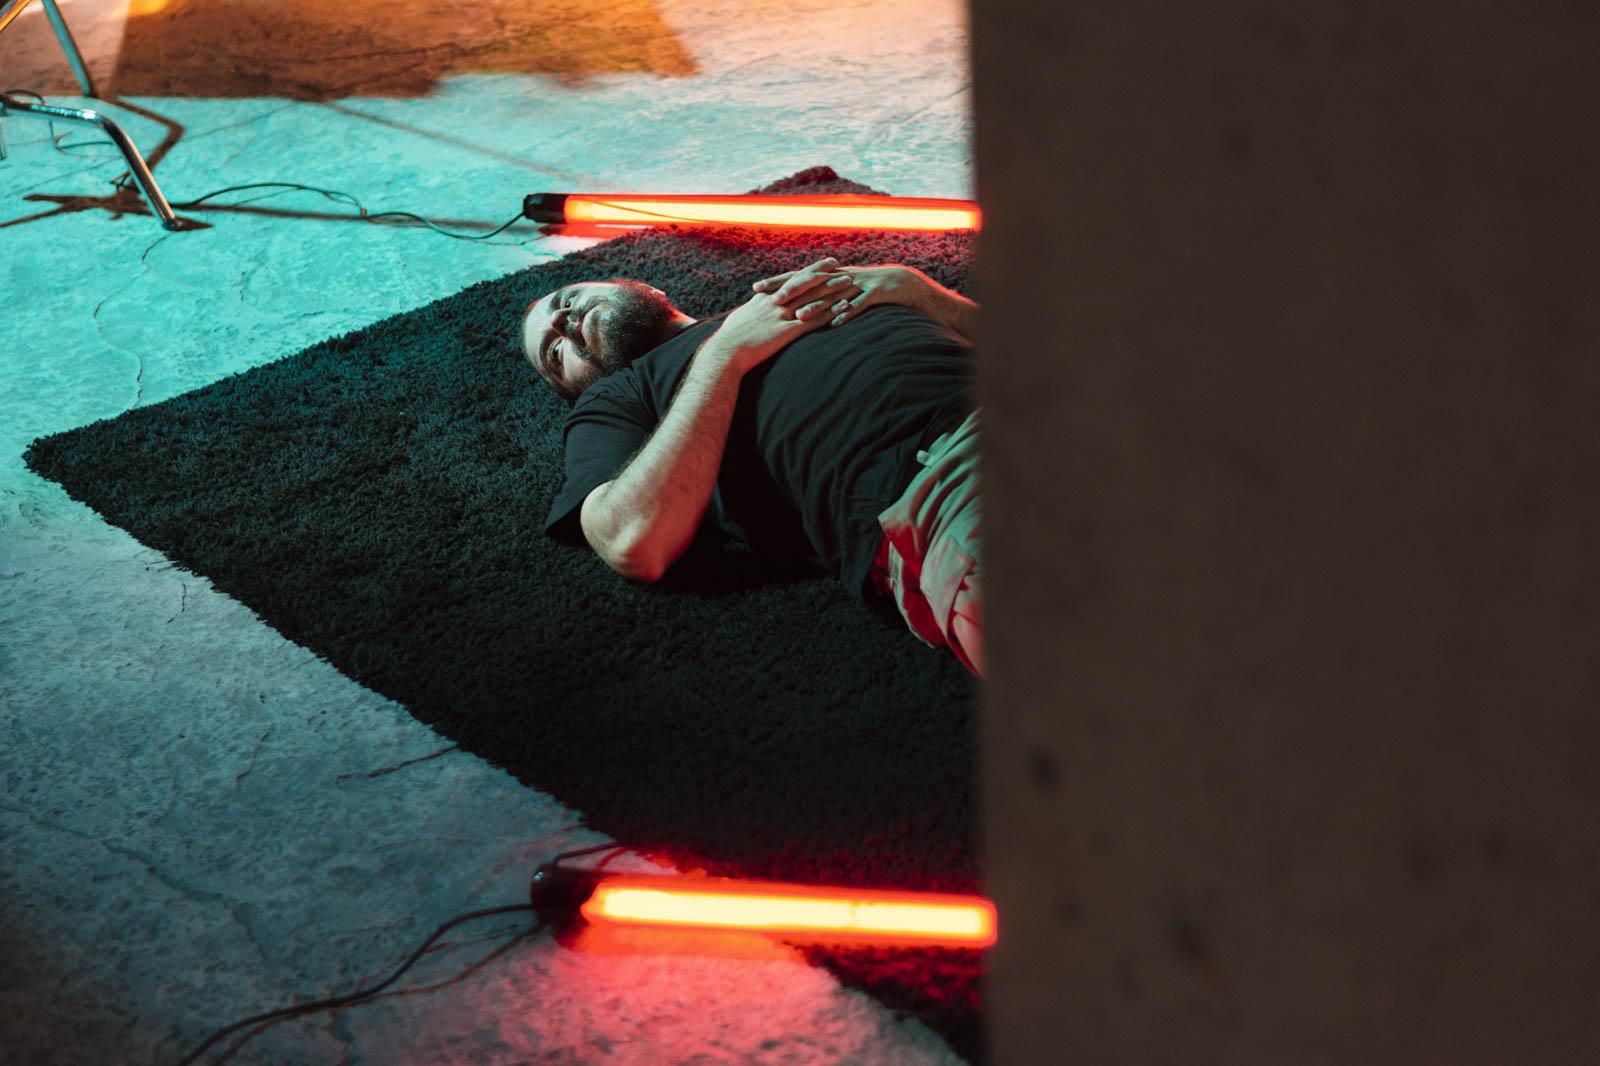 La Fantasía: Short Film – Behind the scenes